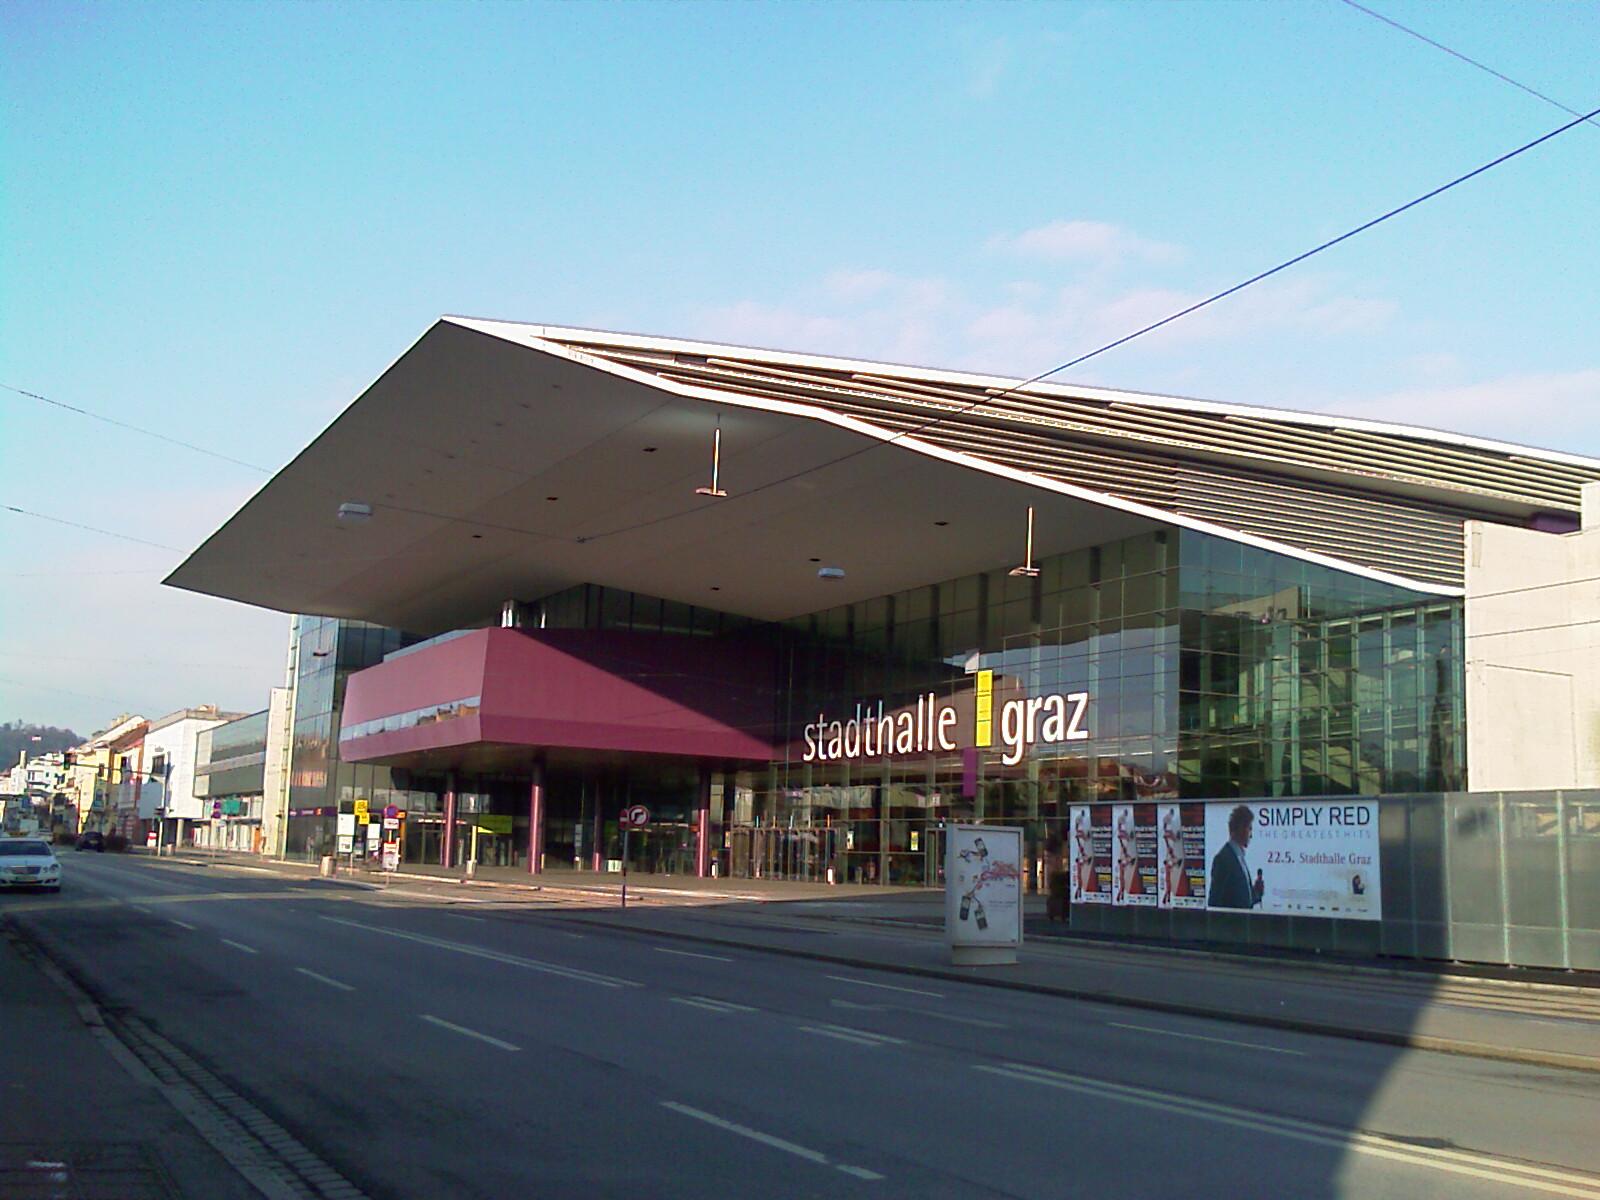 Grazer Stadthalle